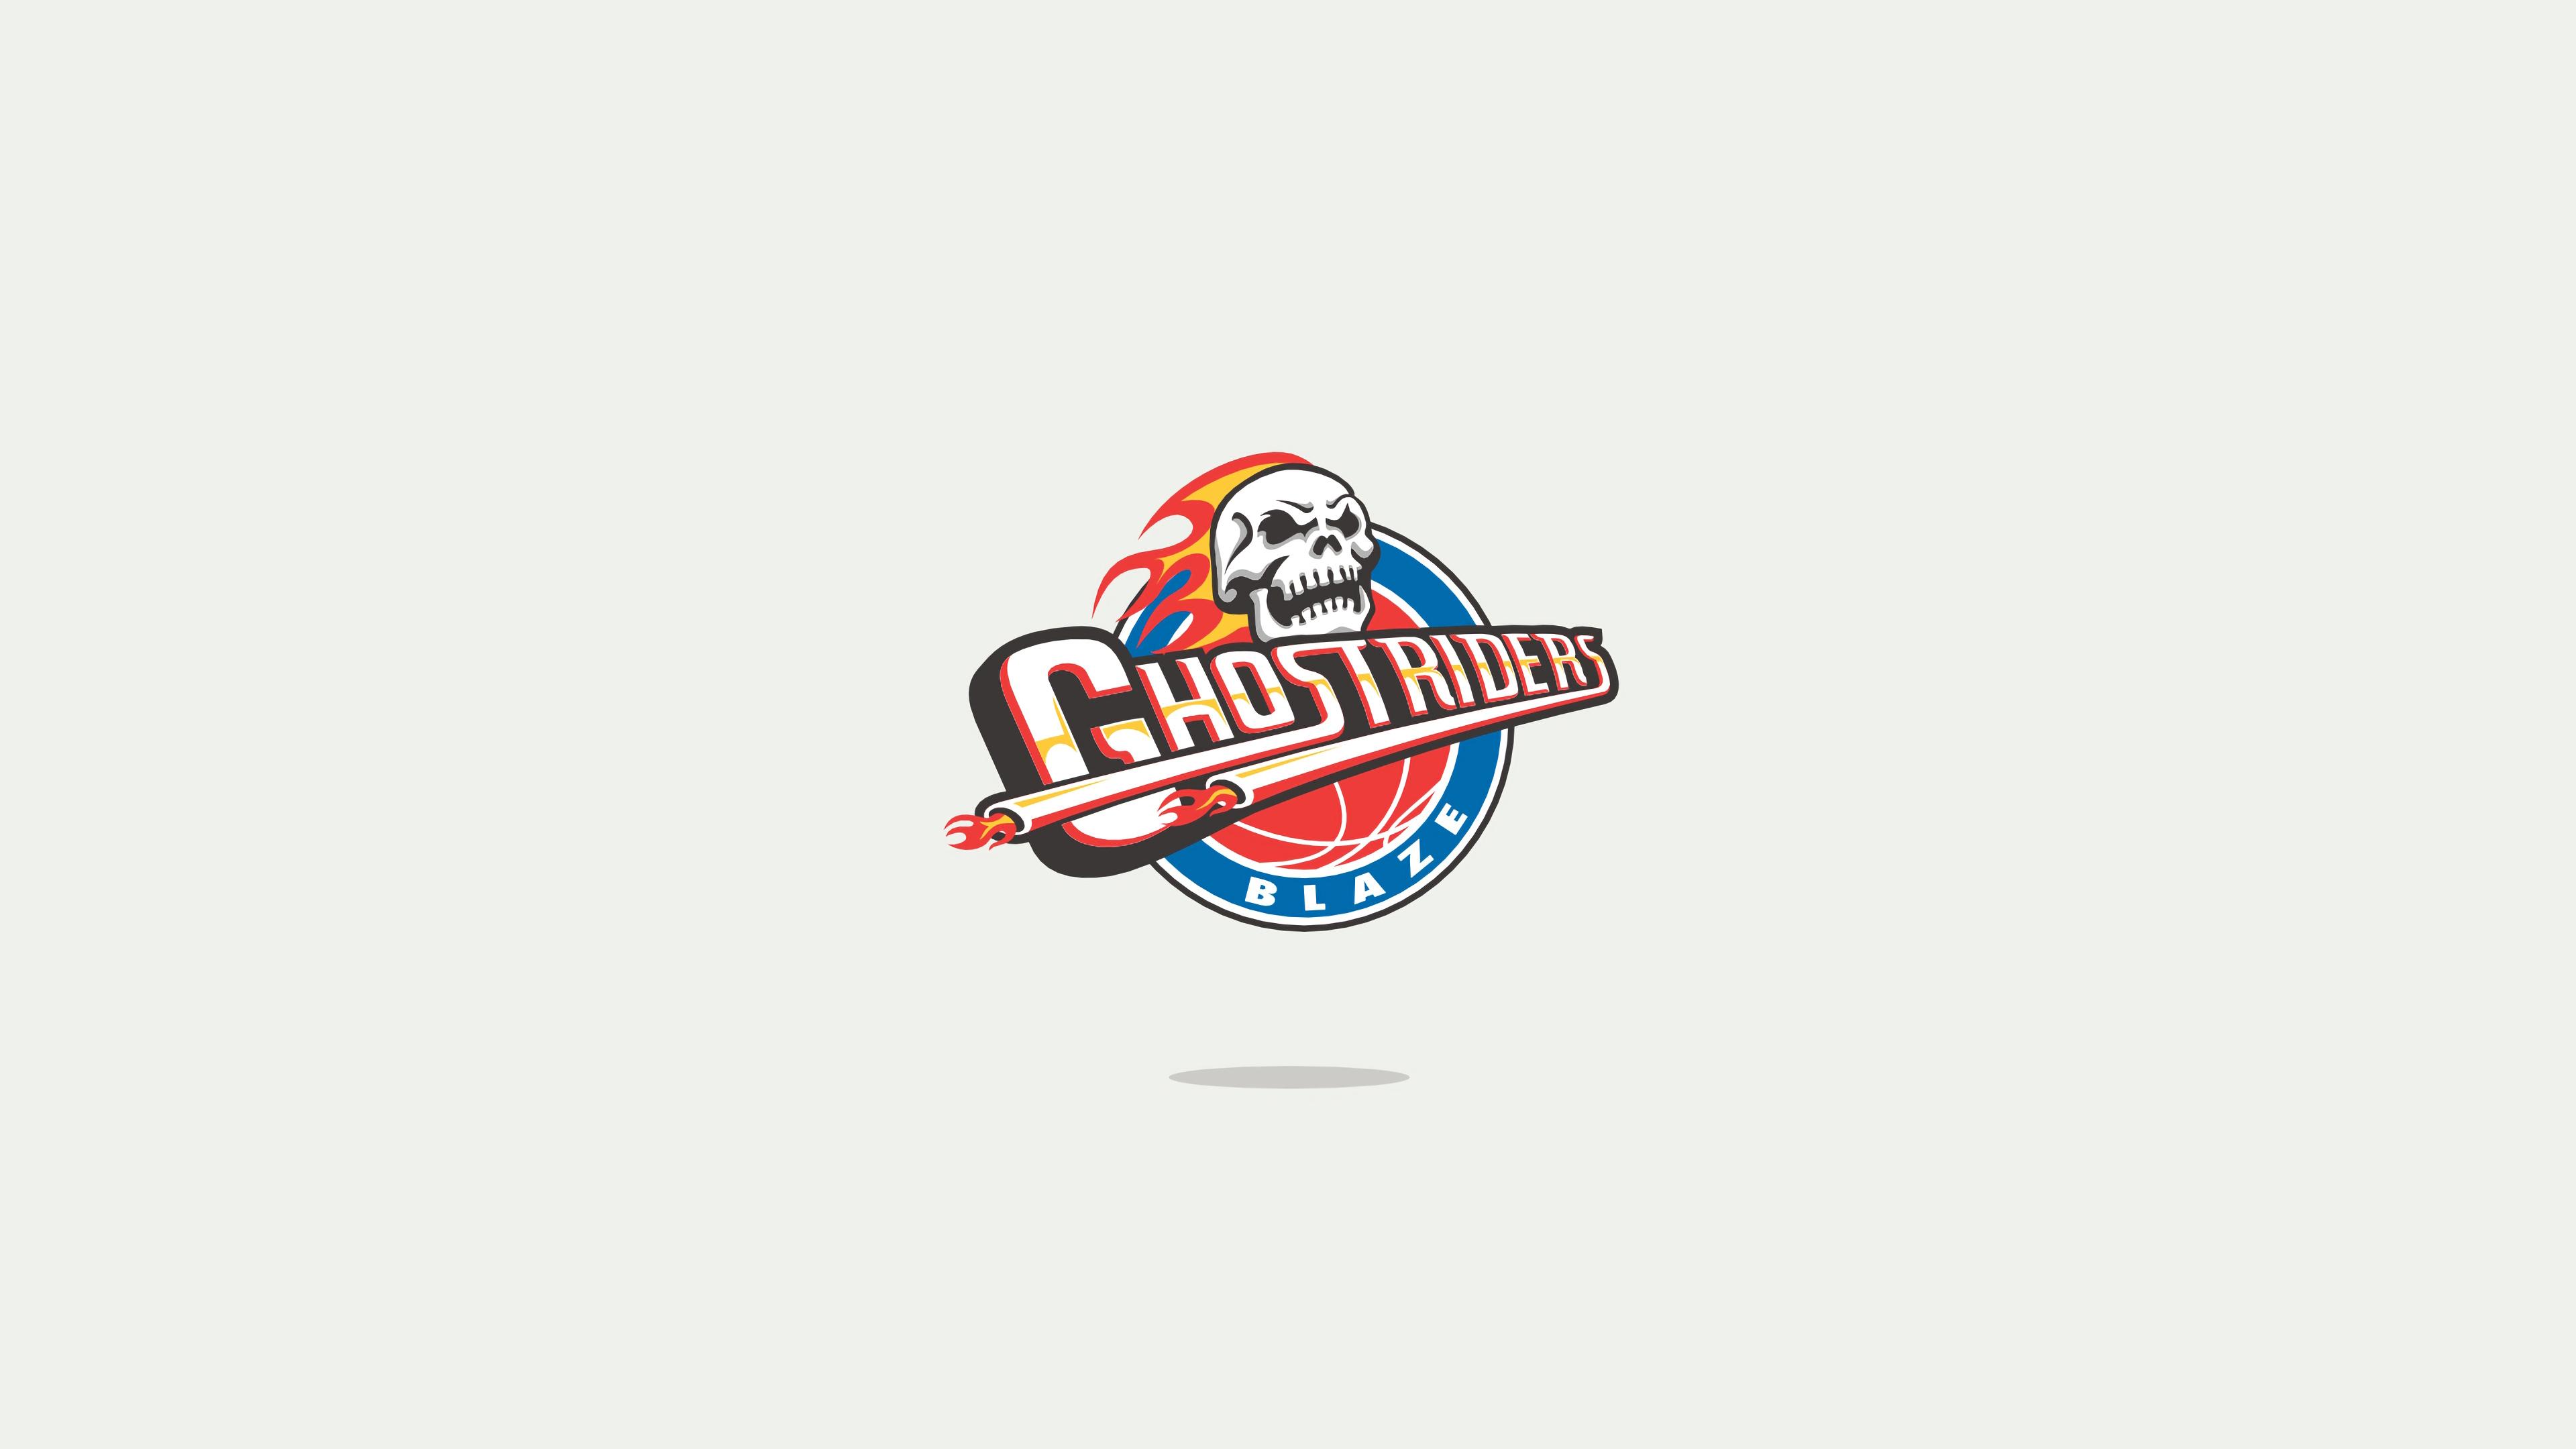 ghost rider minimal logo 1568055507 - Ghost Rider Minimal Logo - superheroes wallpapers, minimalist wallpapers, minimalism wallpapers, hd-wallpapers, ghost rider wallpapers, behance wallpapers, 4k-wallpapers